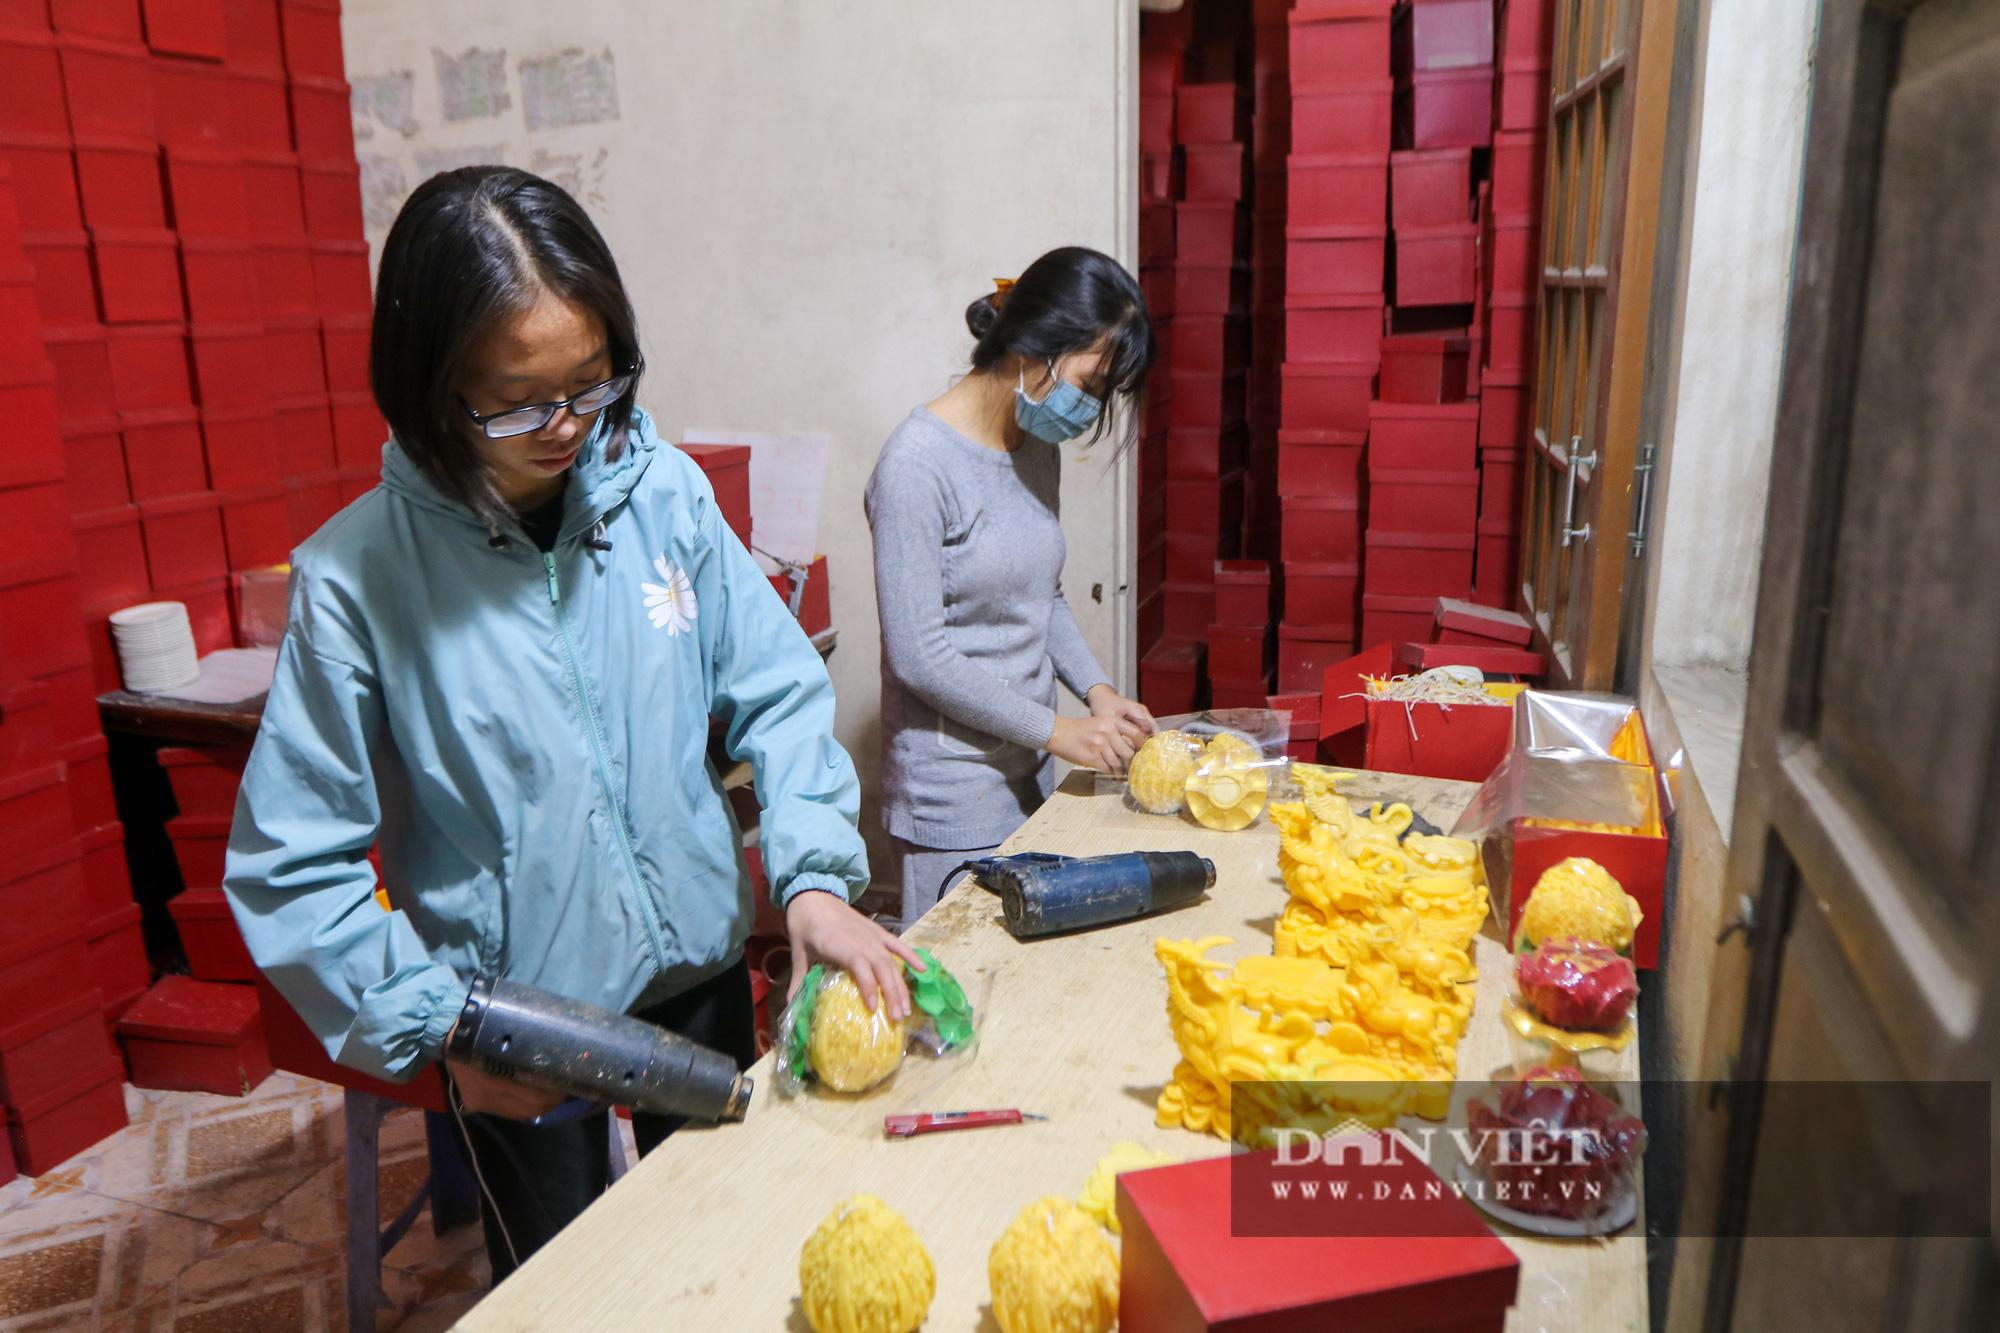 Độc đáo nến trâu vàng hút người mua chơi Tết Tân Sửu - Ảnh 1.